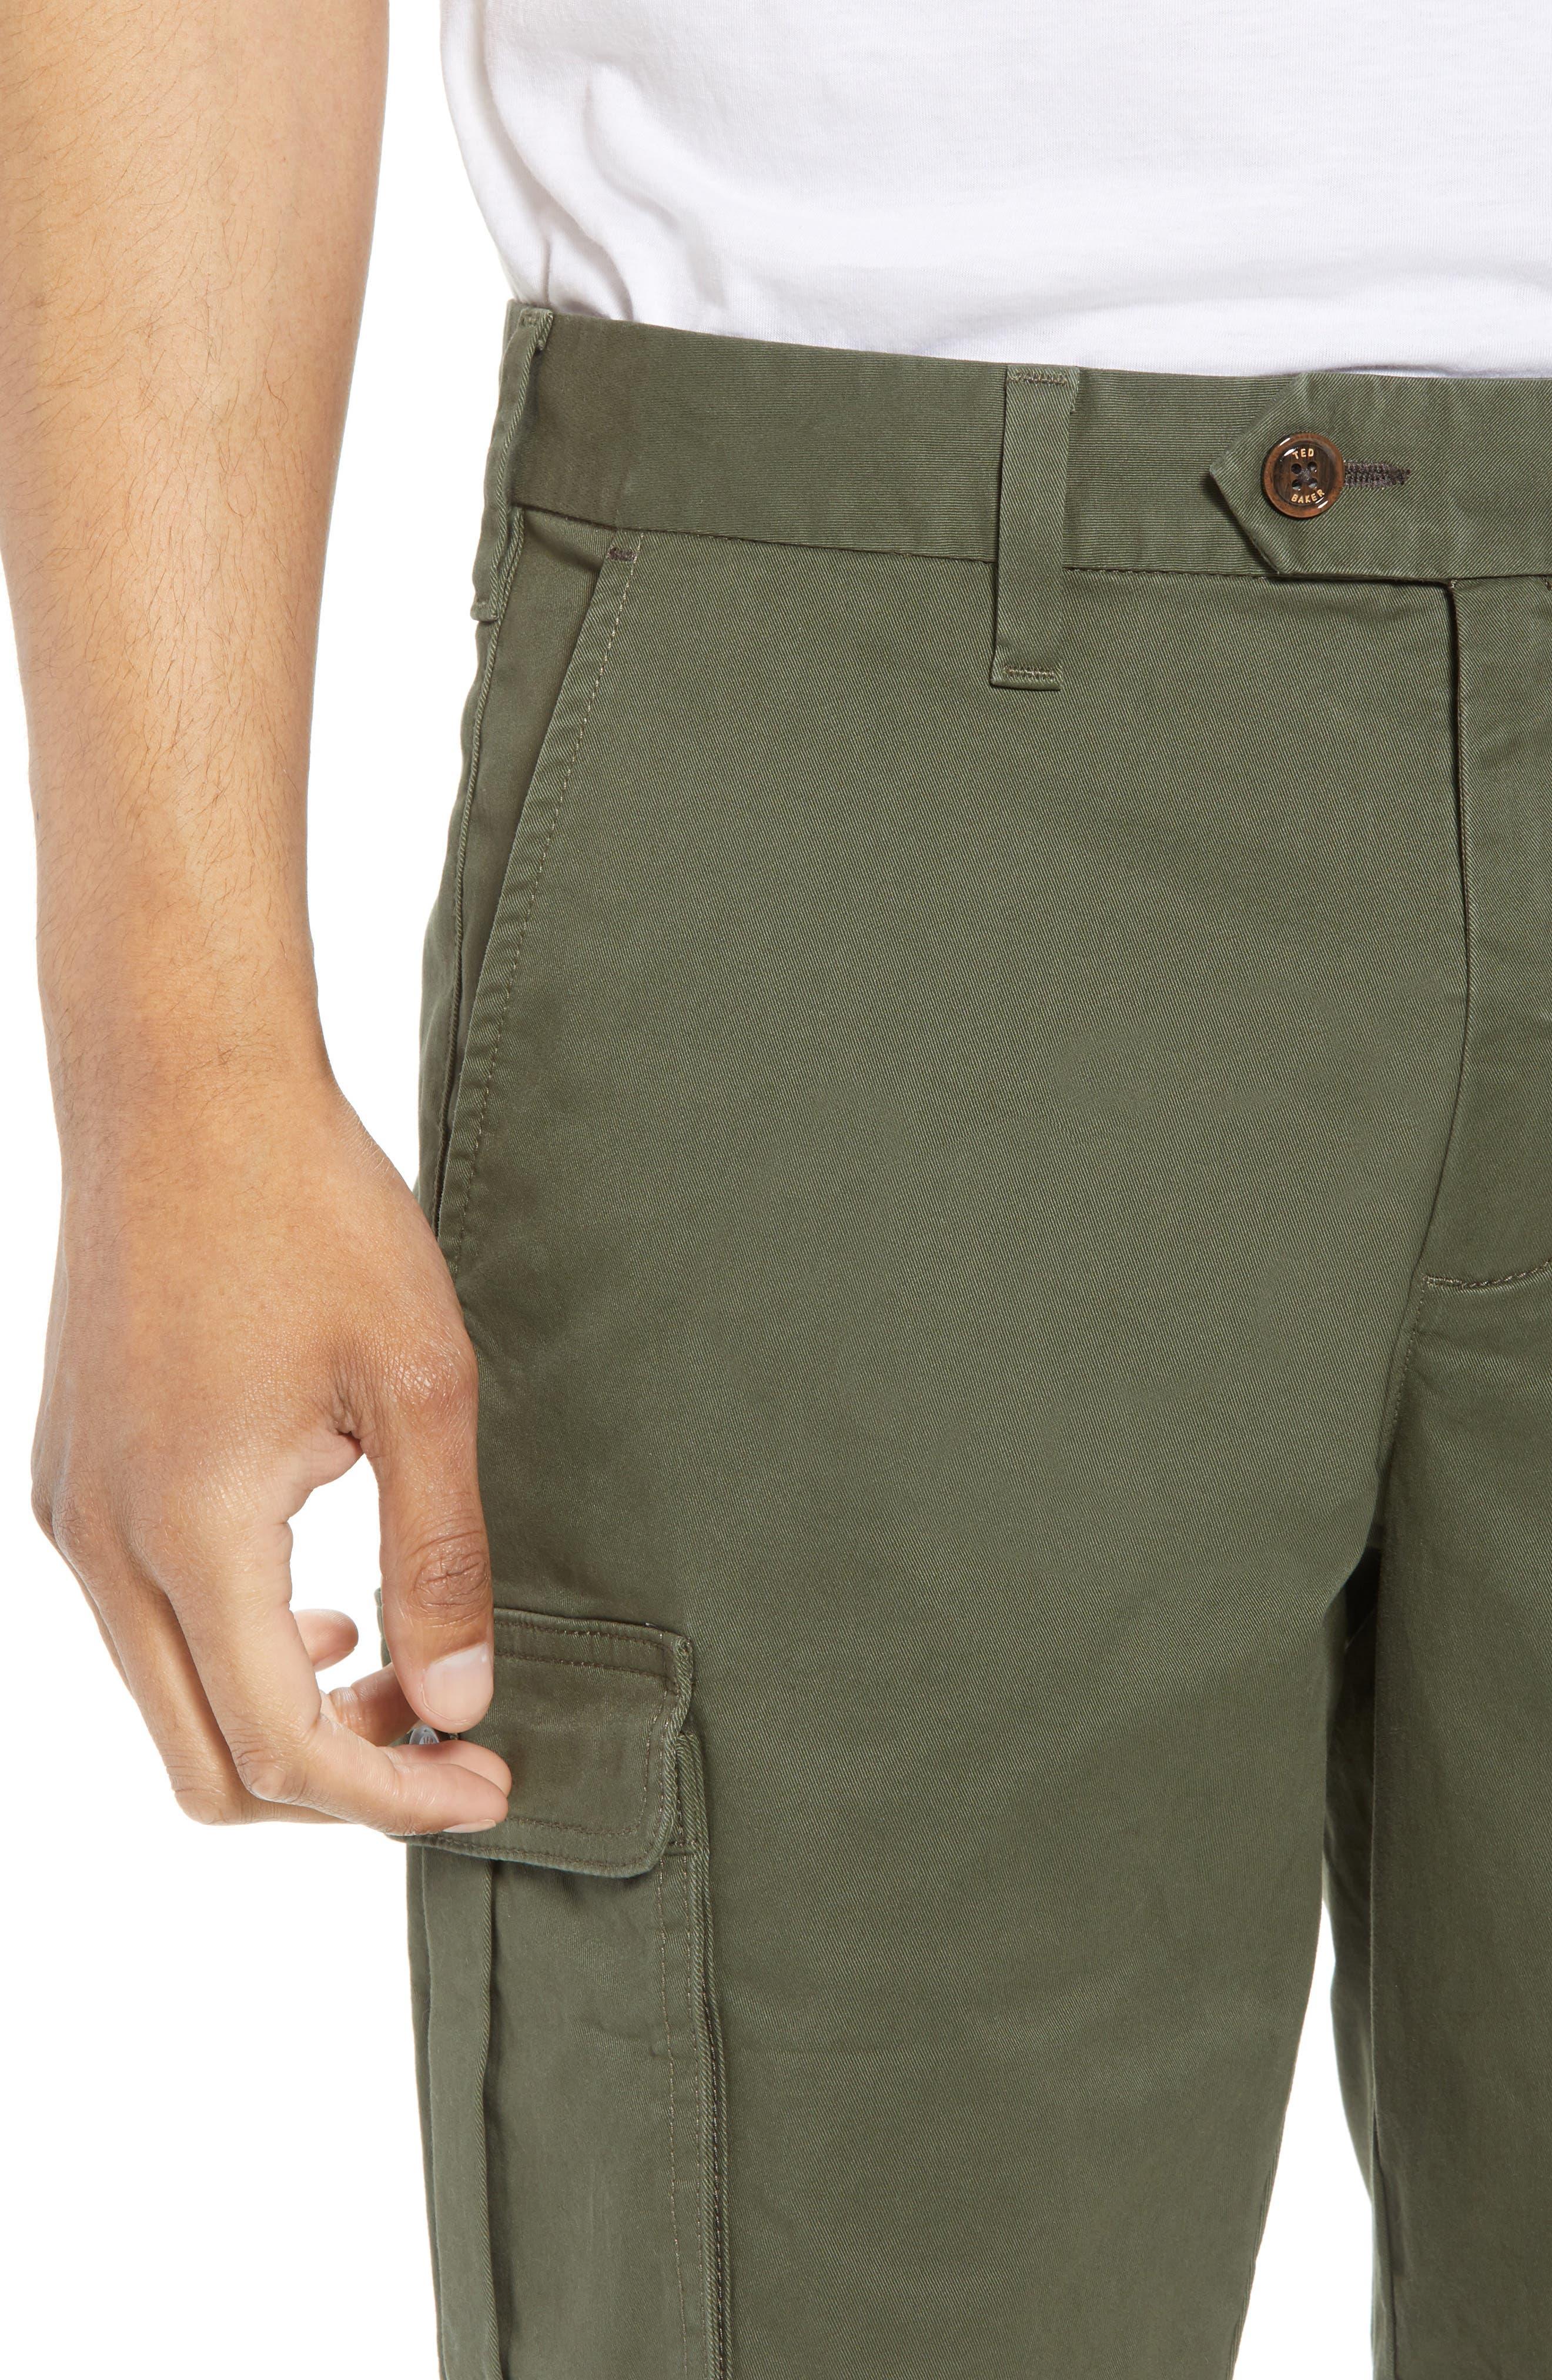 Ted Baker Cargogo Slim Fit Shorts,                             Alternate thumbnail 4, color,                             250